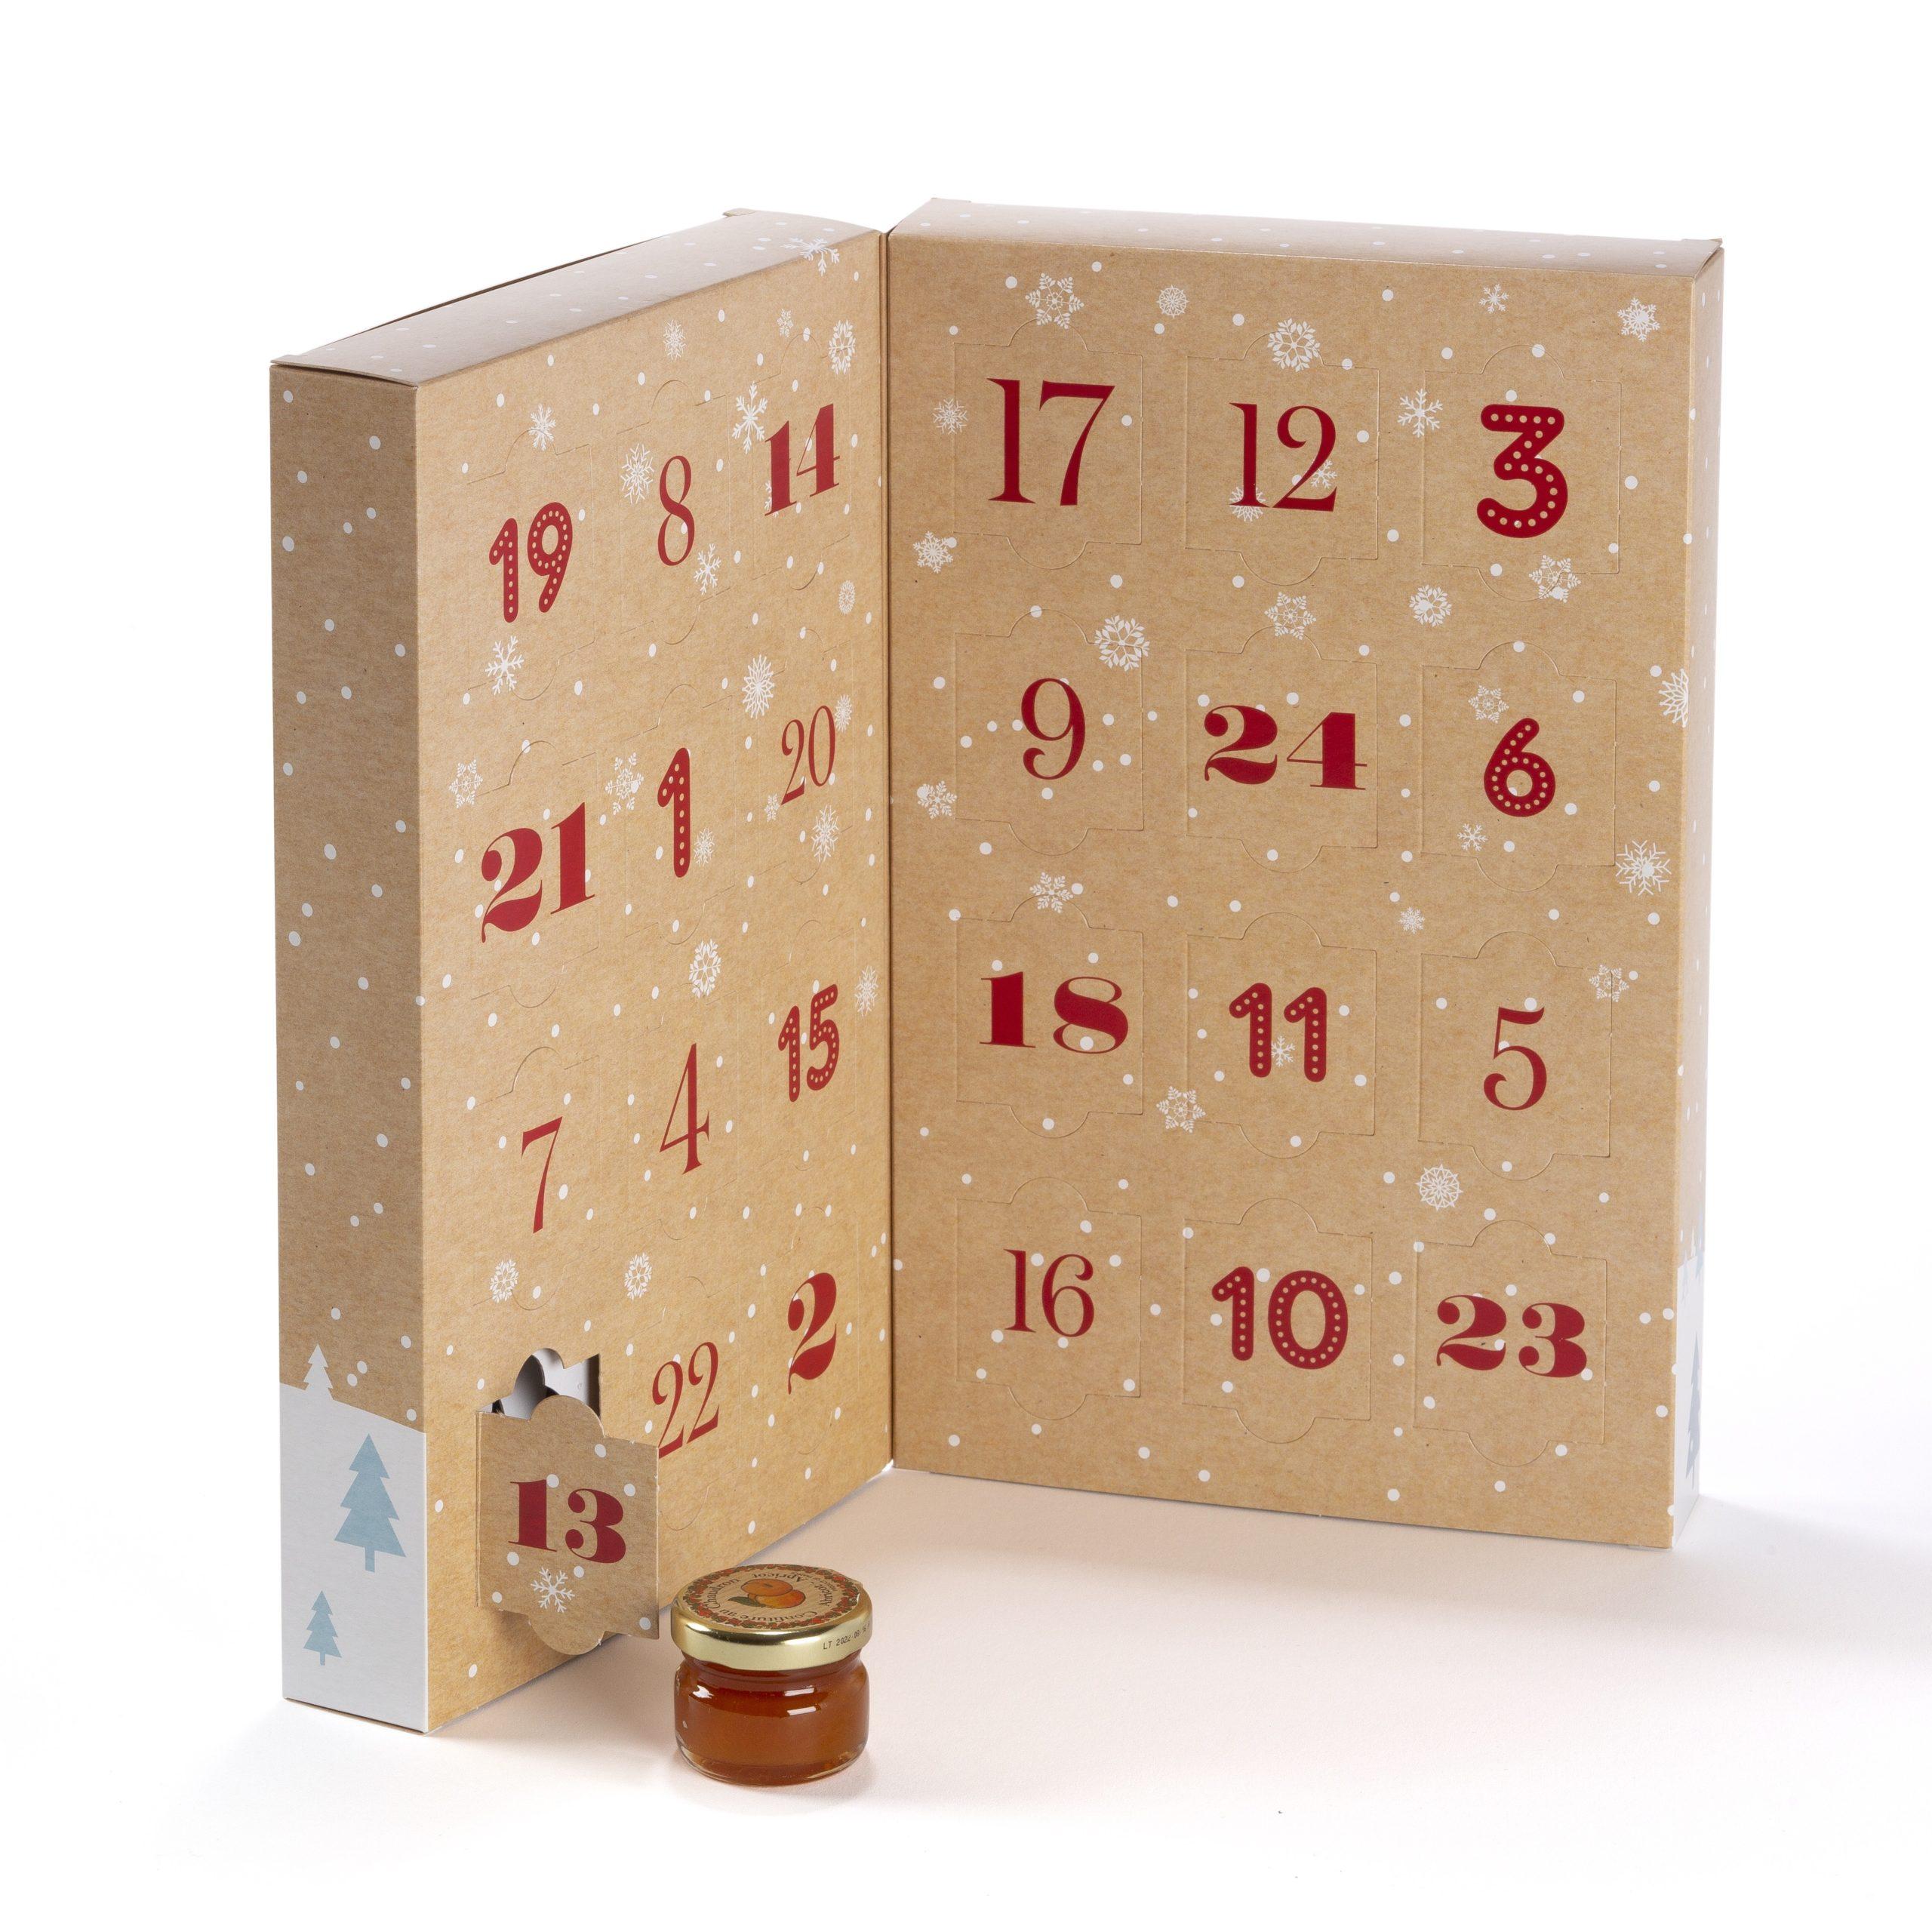 Andrésy Confitures présente son calendrier de l'Avent avec 24 mini pots de confitures extra